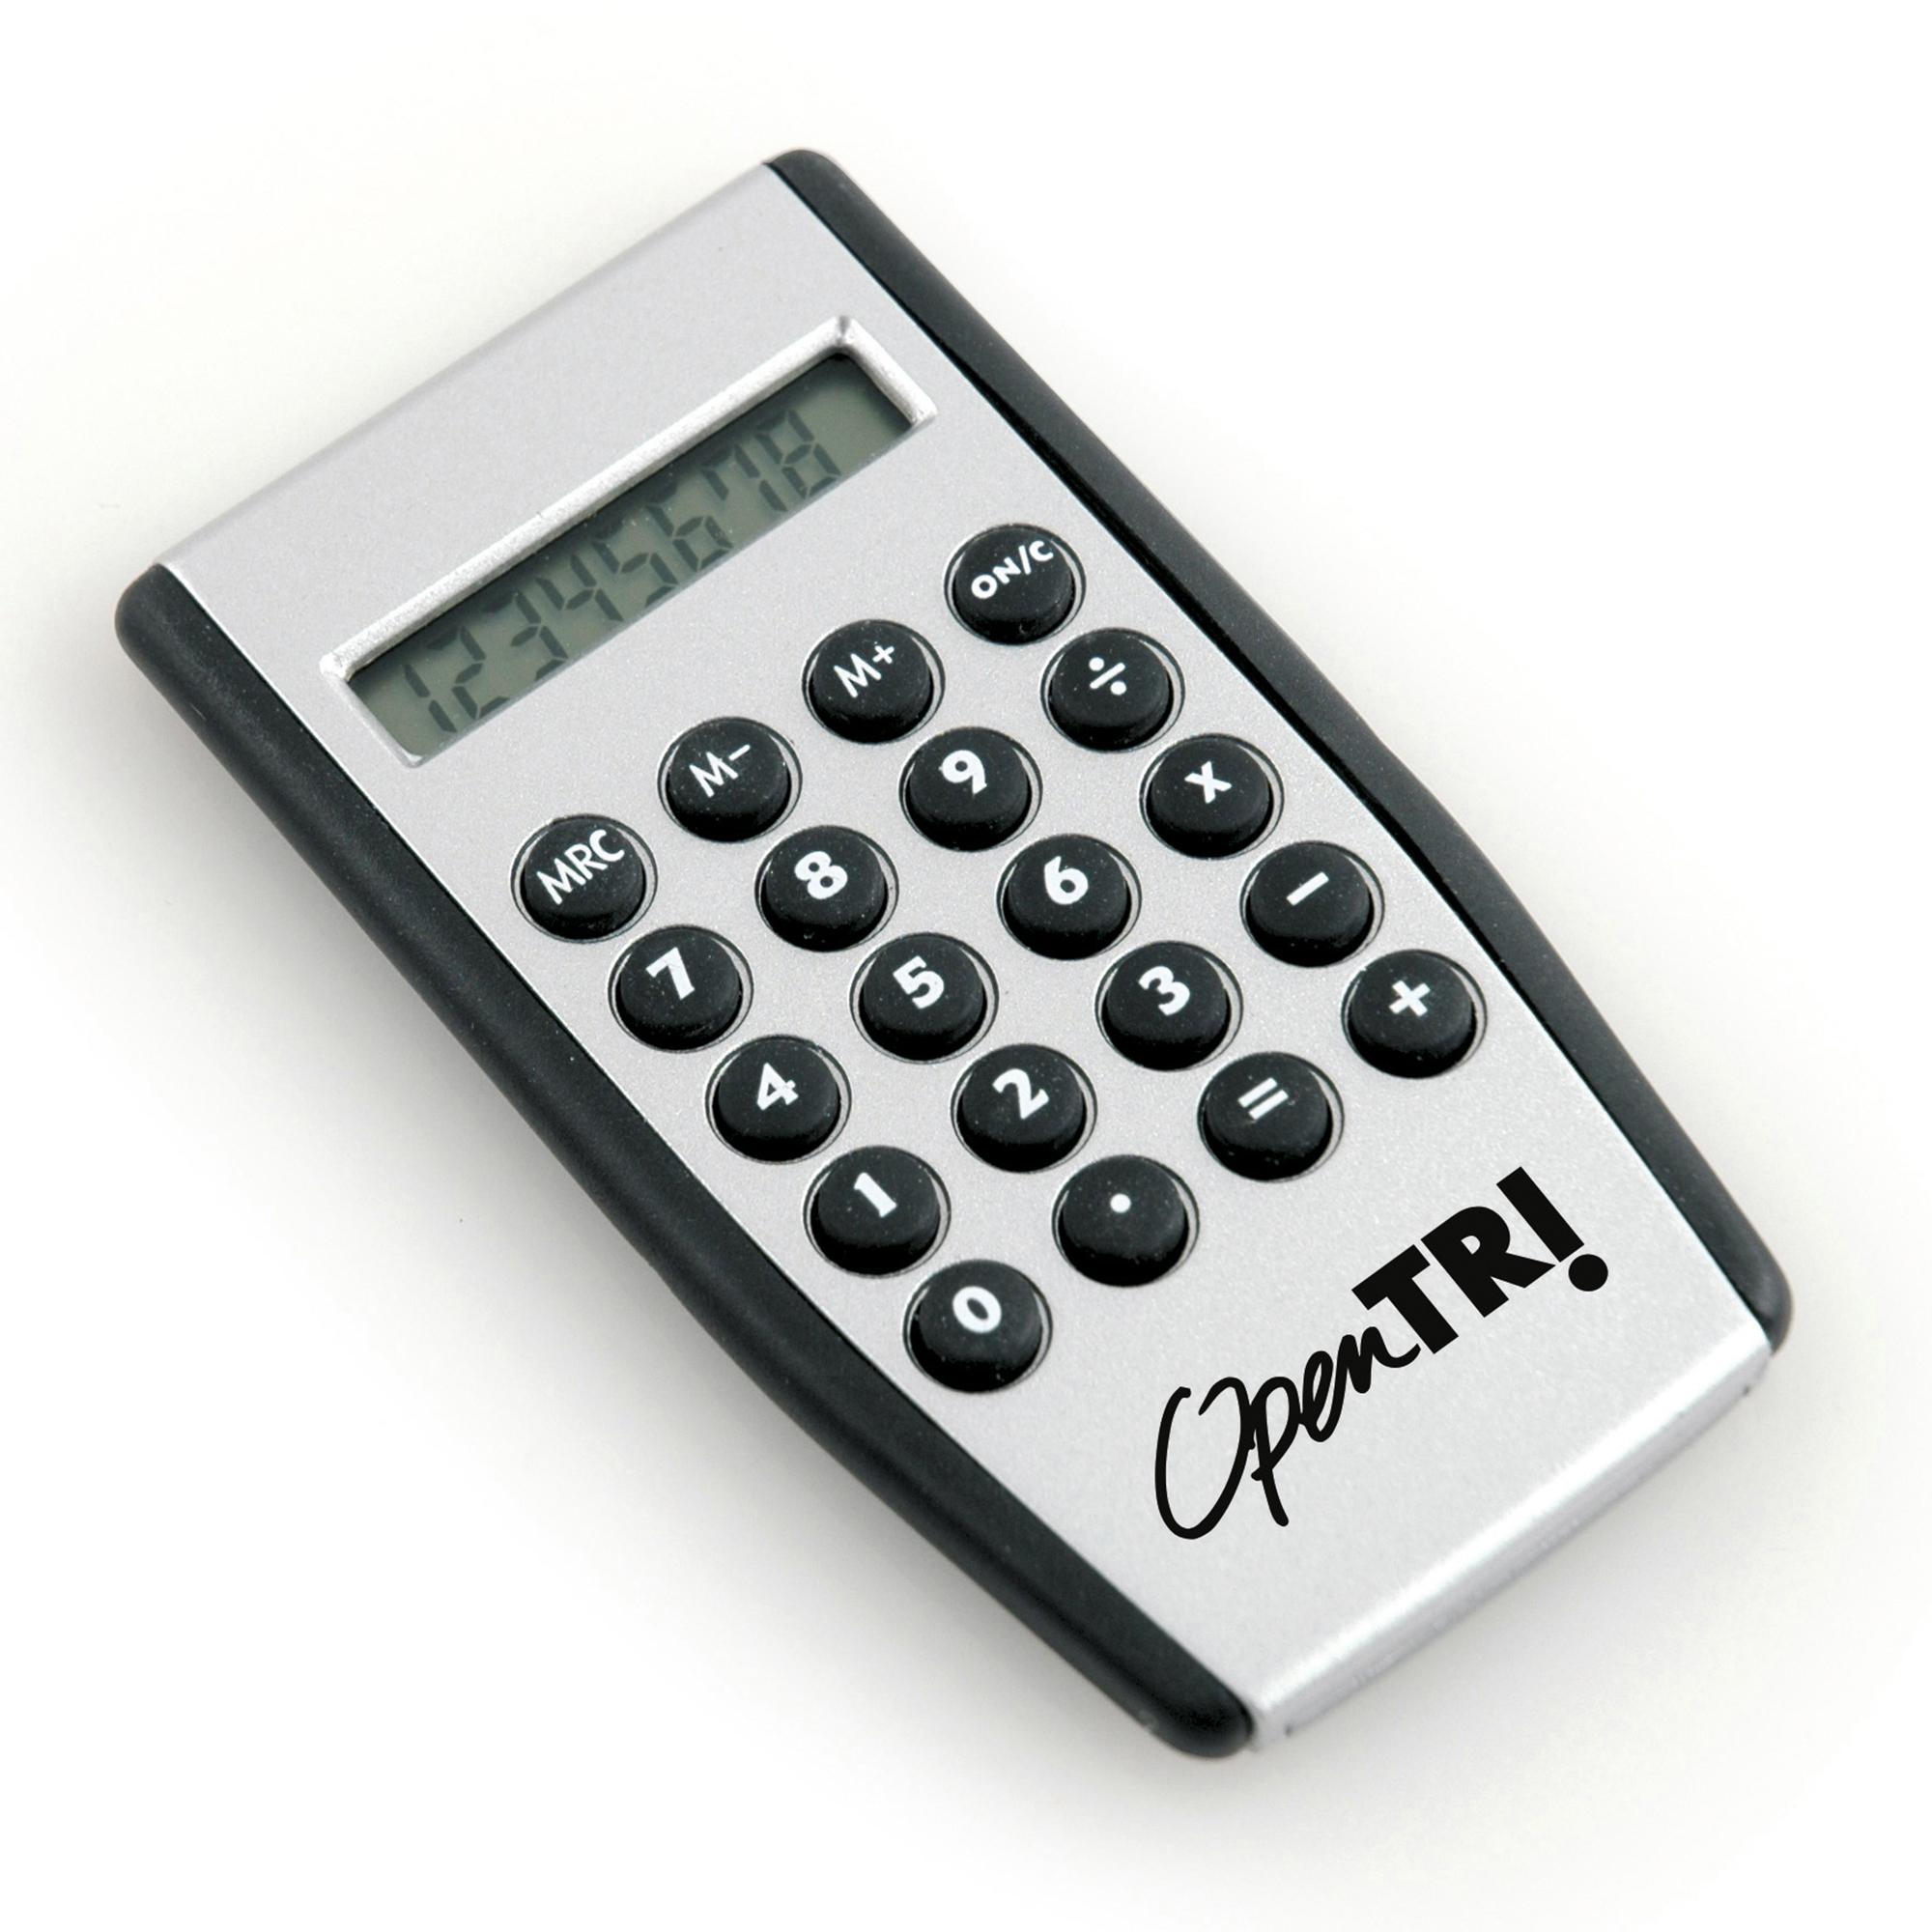 Promotional Pythagoras Calculator